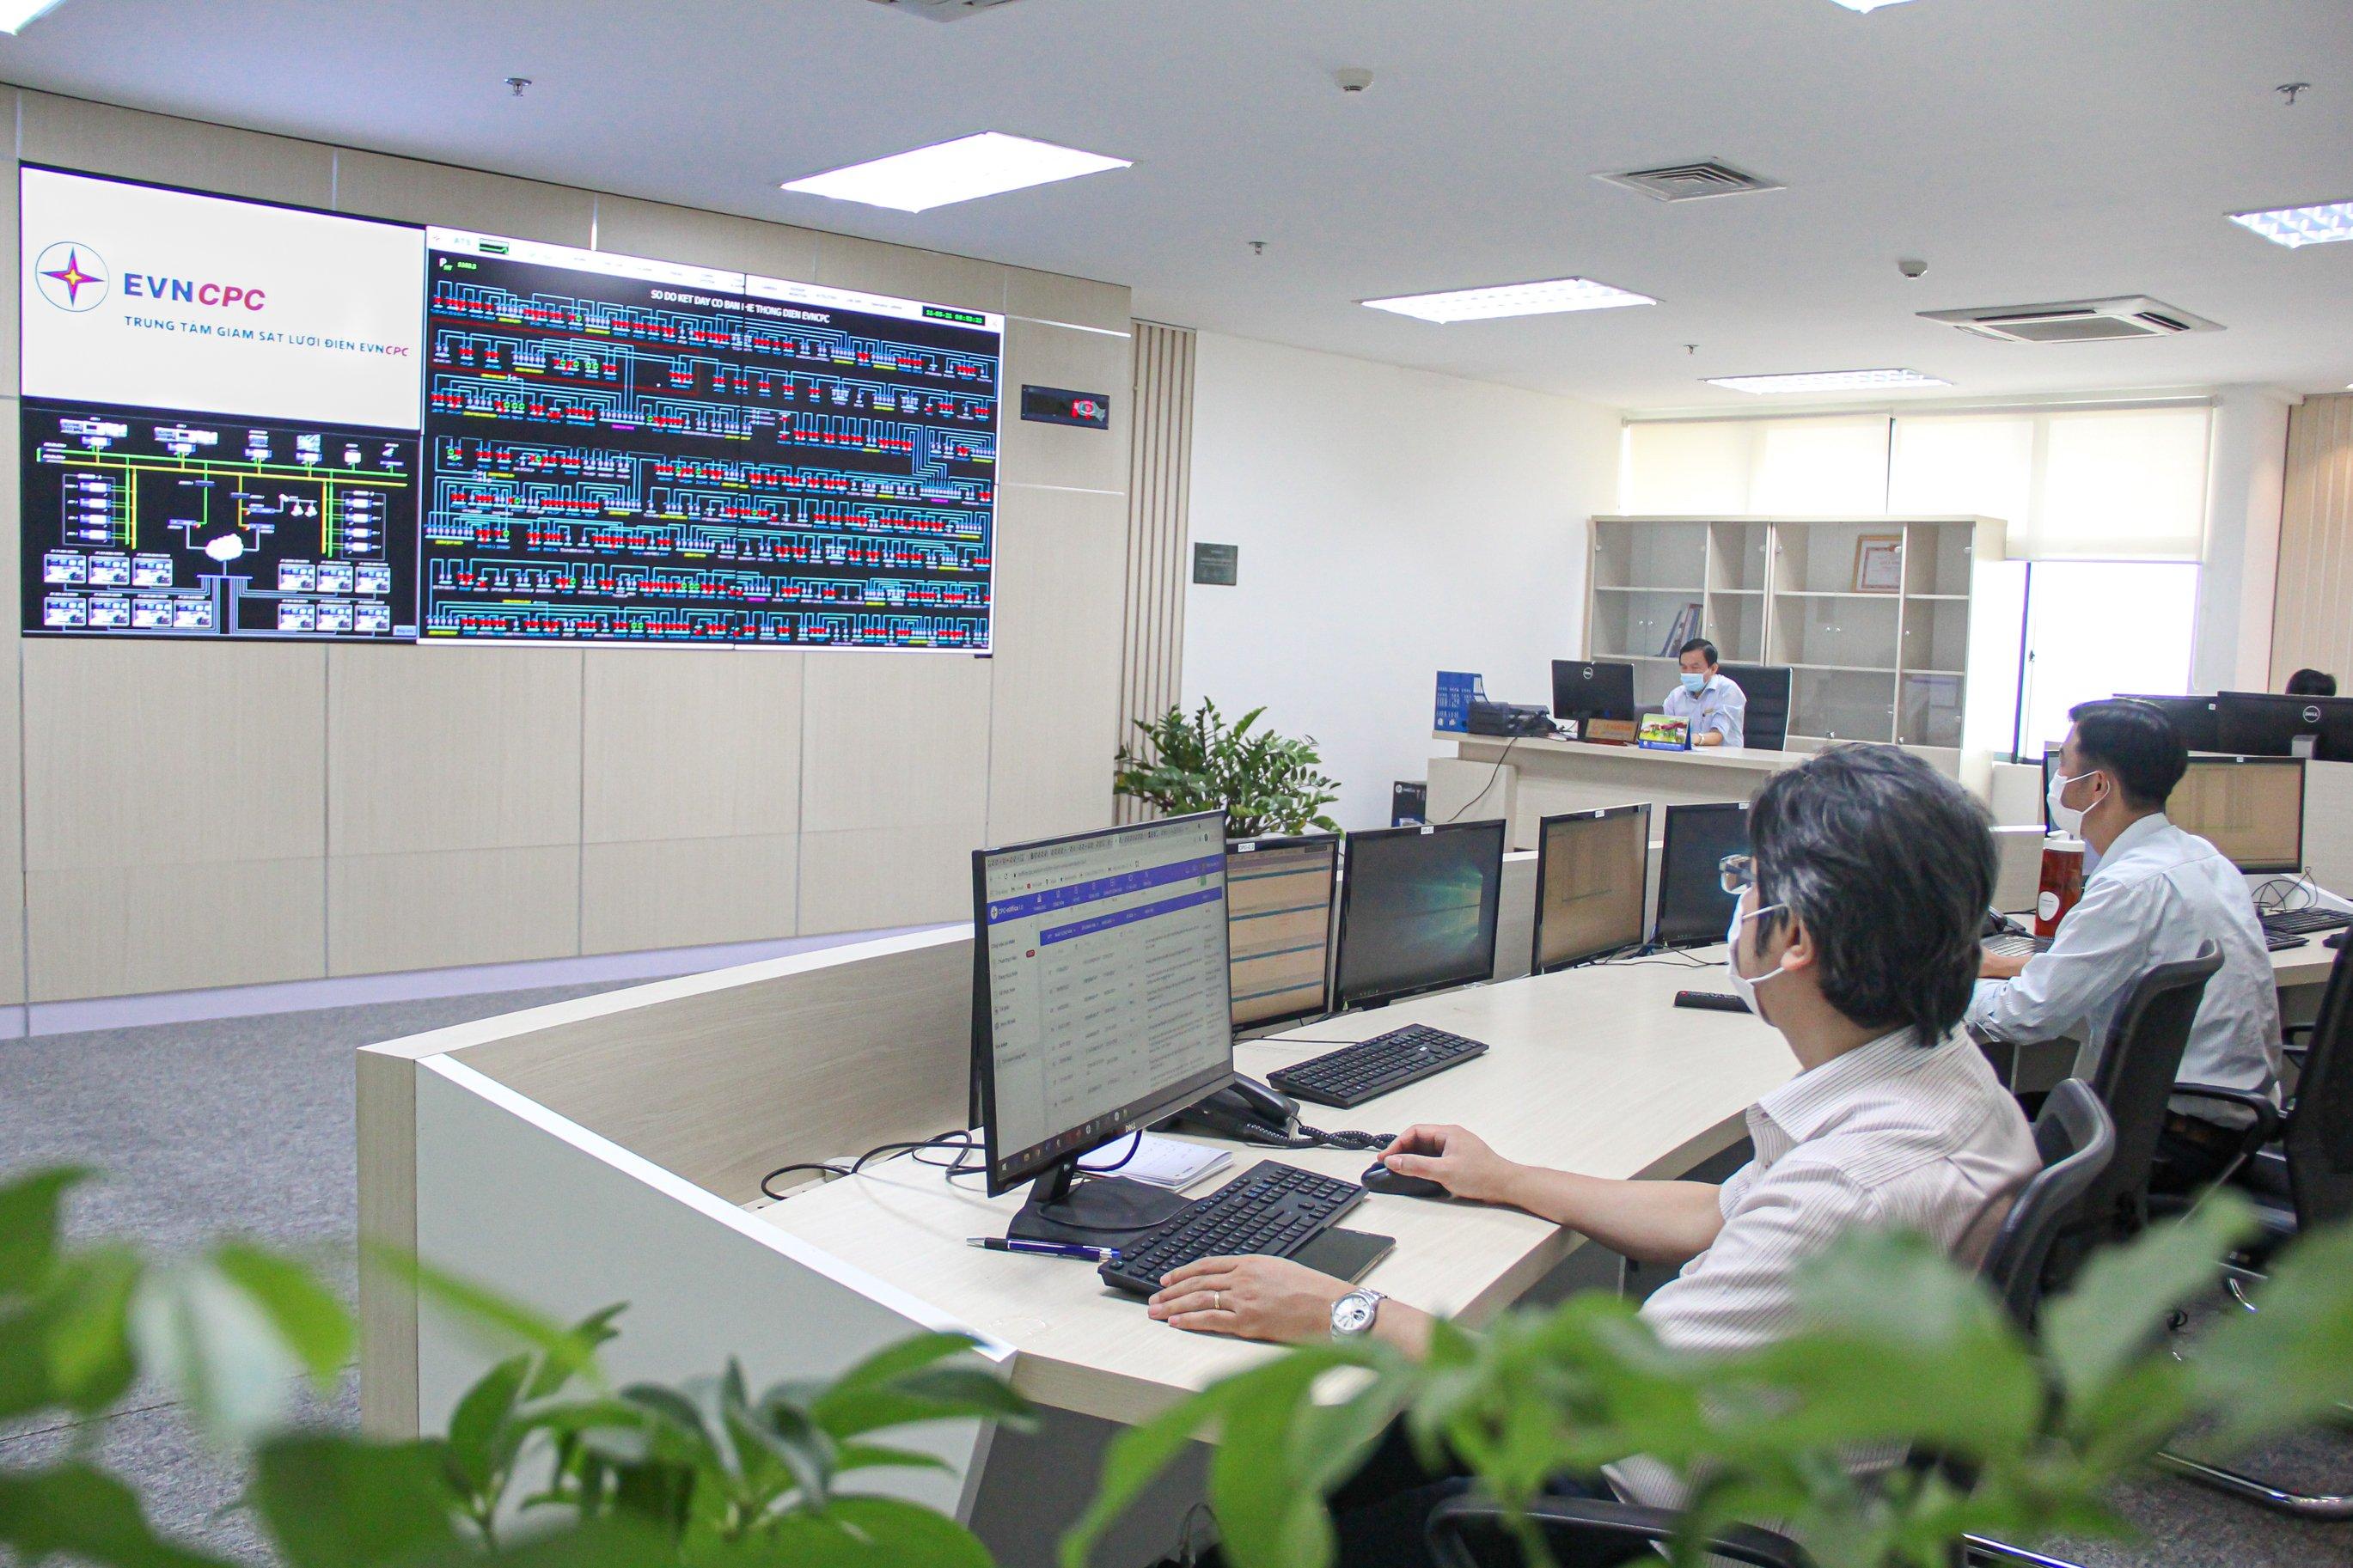 EVNCPC đảm bảo cấp điện 12.507 điểm bầu cử tại miền Trung – Tây Nguyên